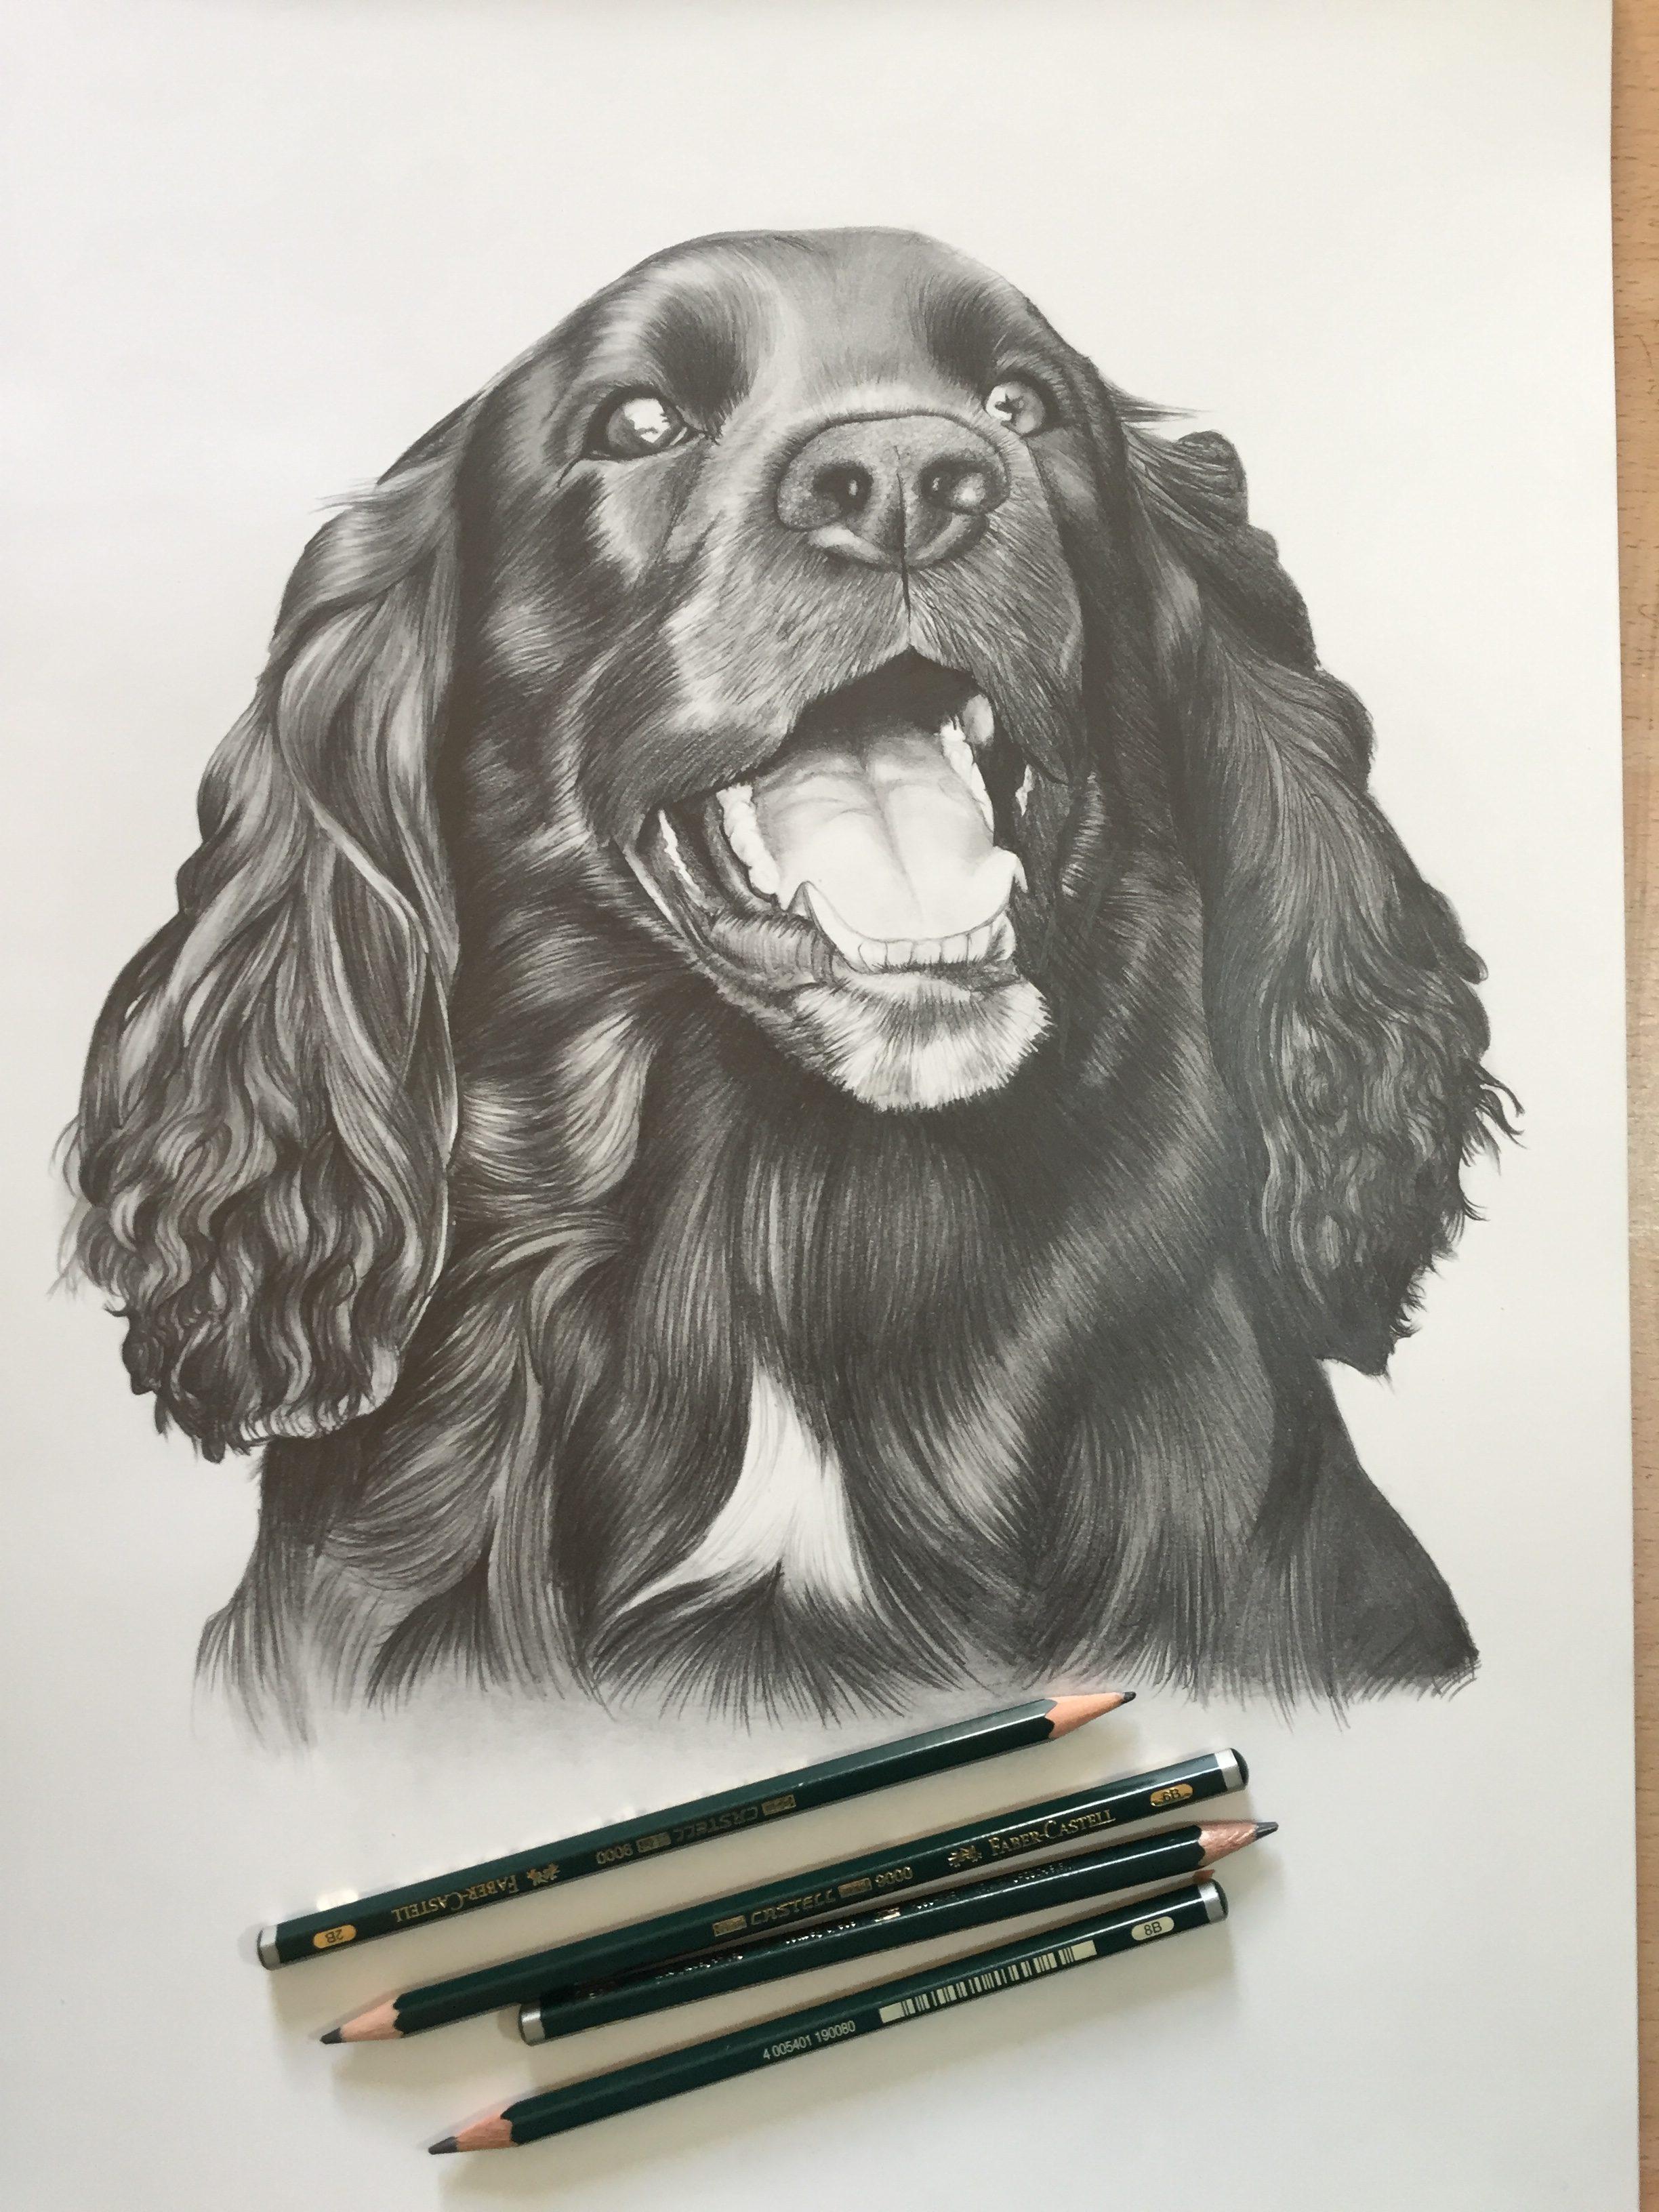 cocker spaniel pet dog portrait